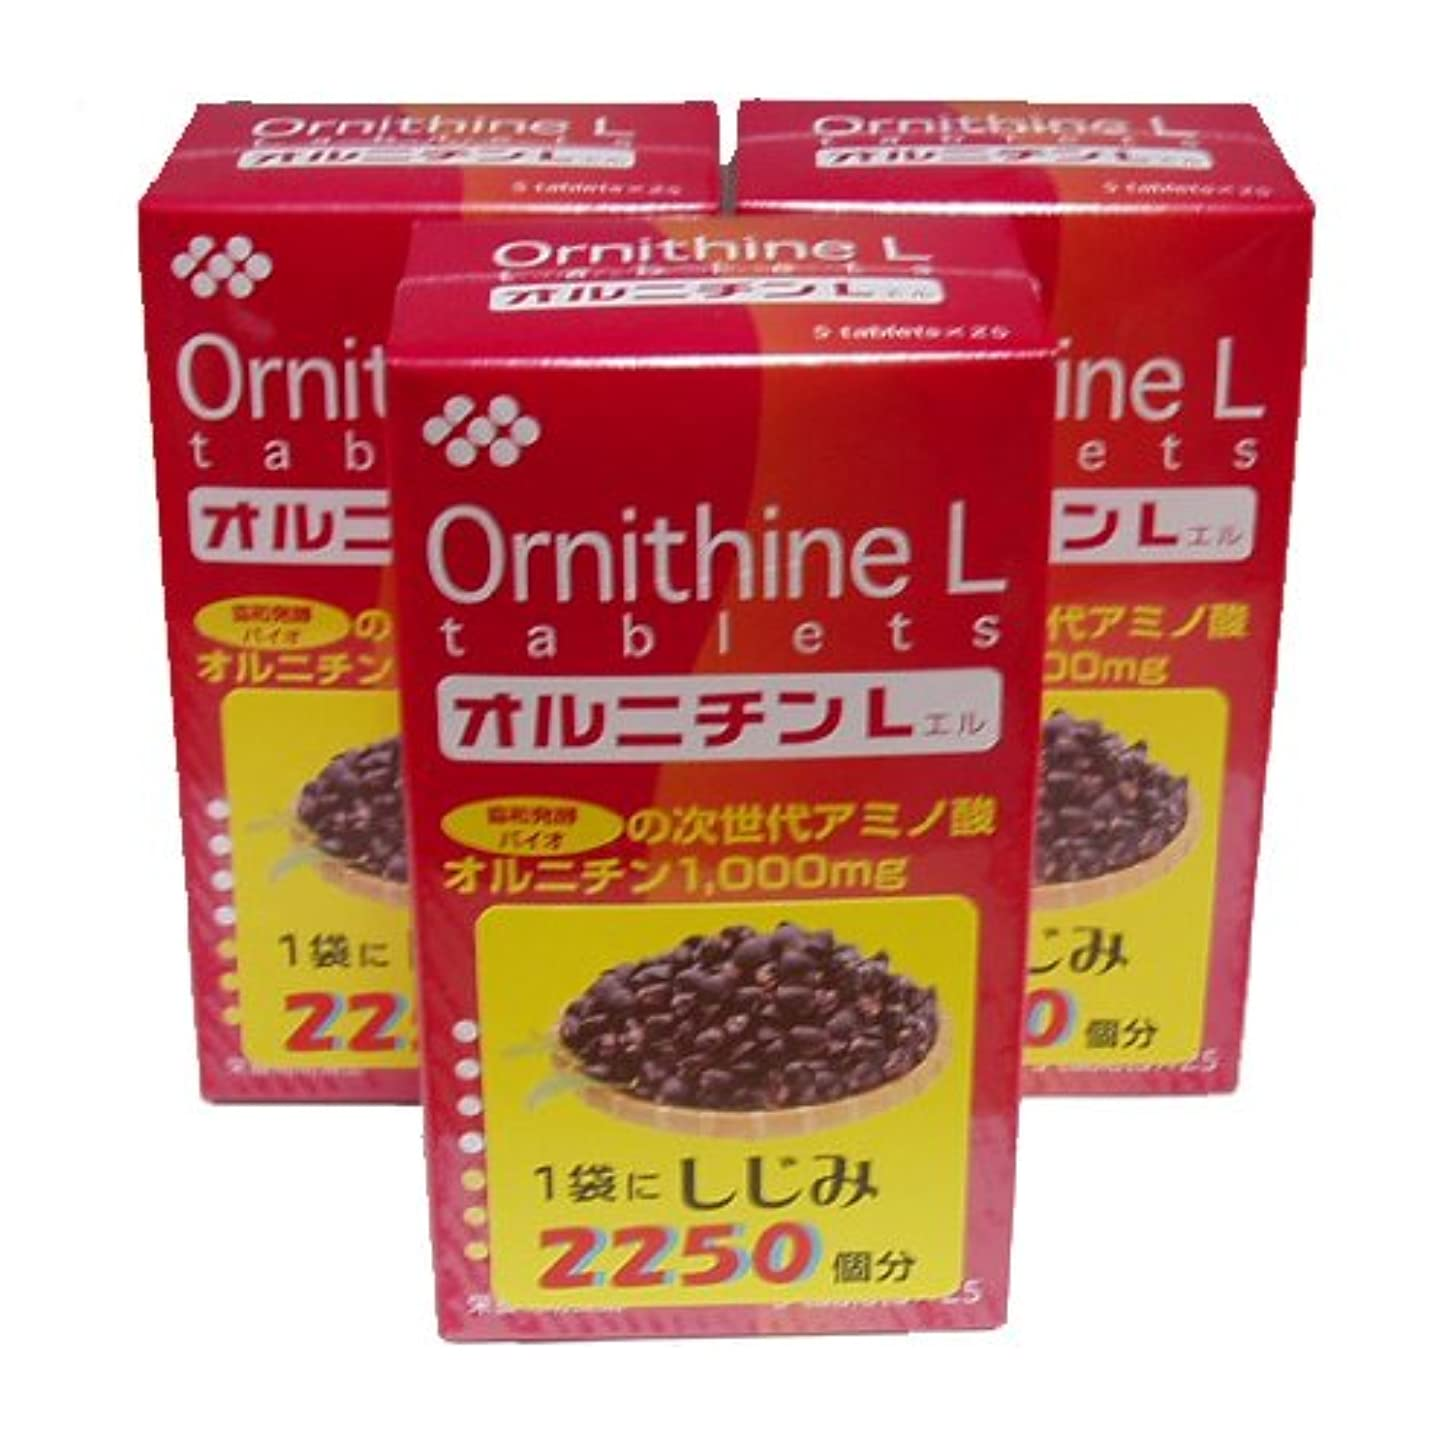 怠感ボトルネック噴火伸和製薬オルニチンL (5粒×25袋)×3個セット